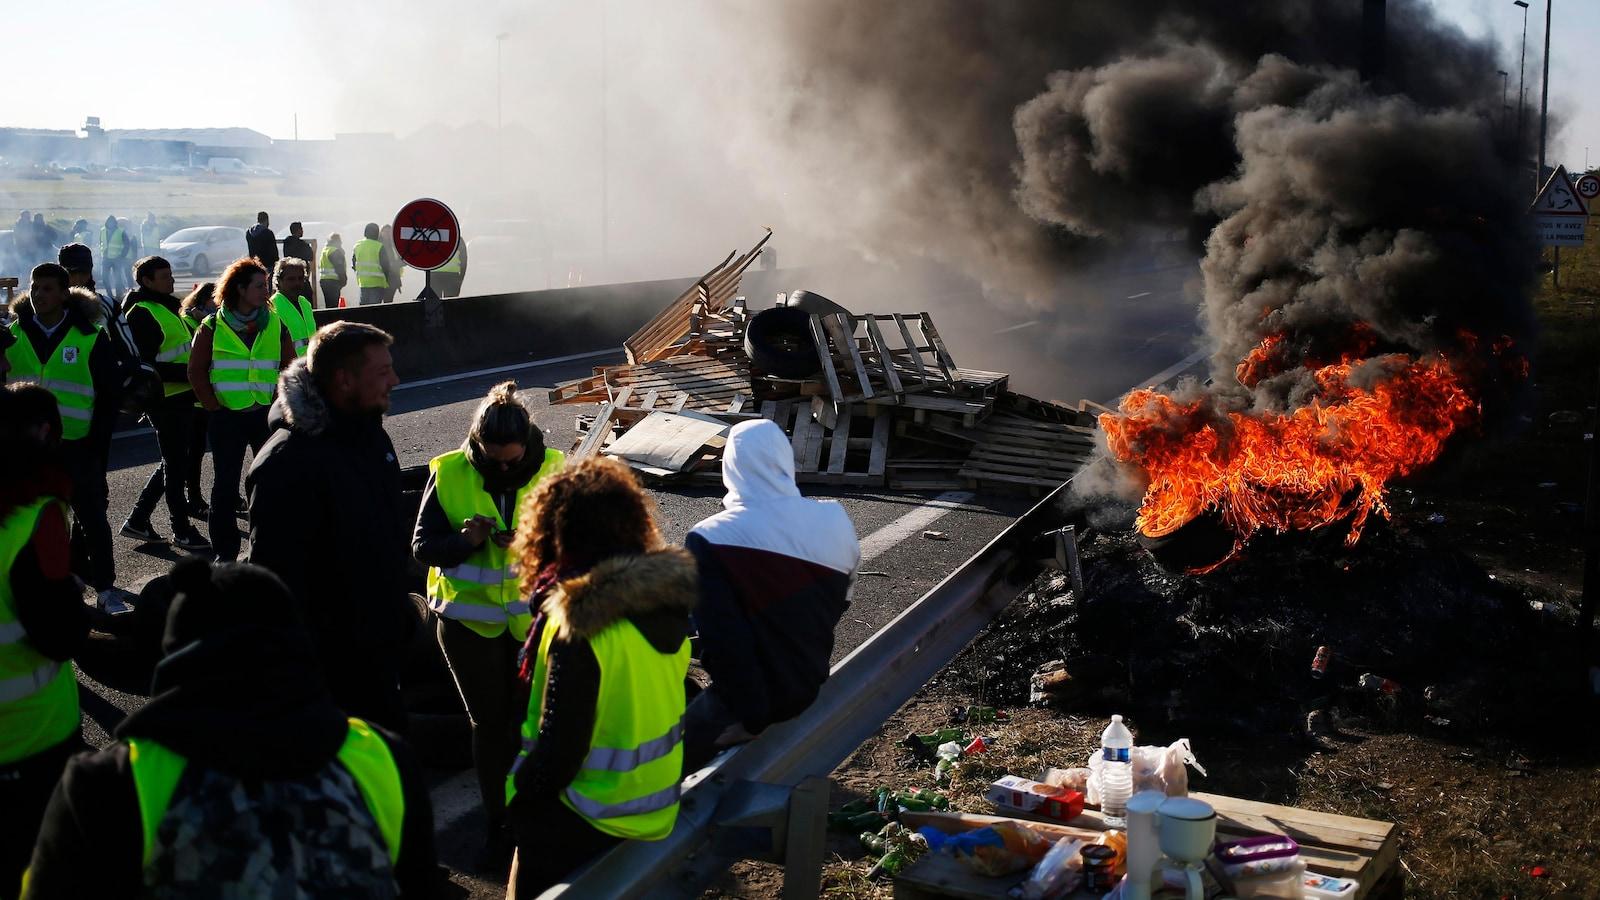 Un blocage routier avec un incendie et des citoyens arborant un gilet jaune.